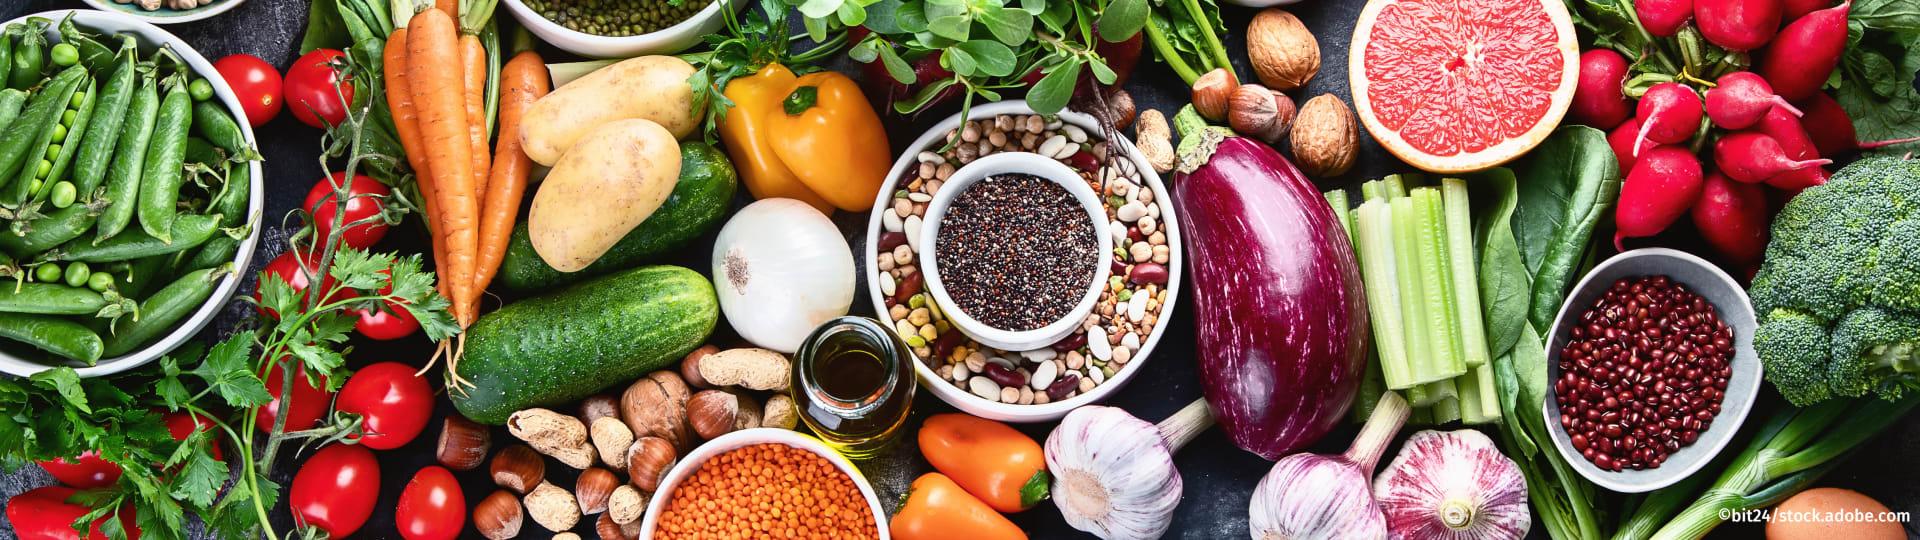 Gesunde, nachhaltige und regionale Lebensmittel